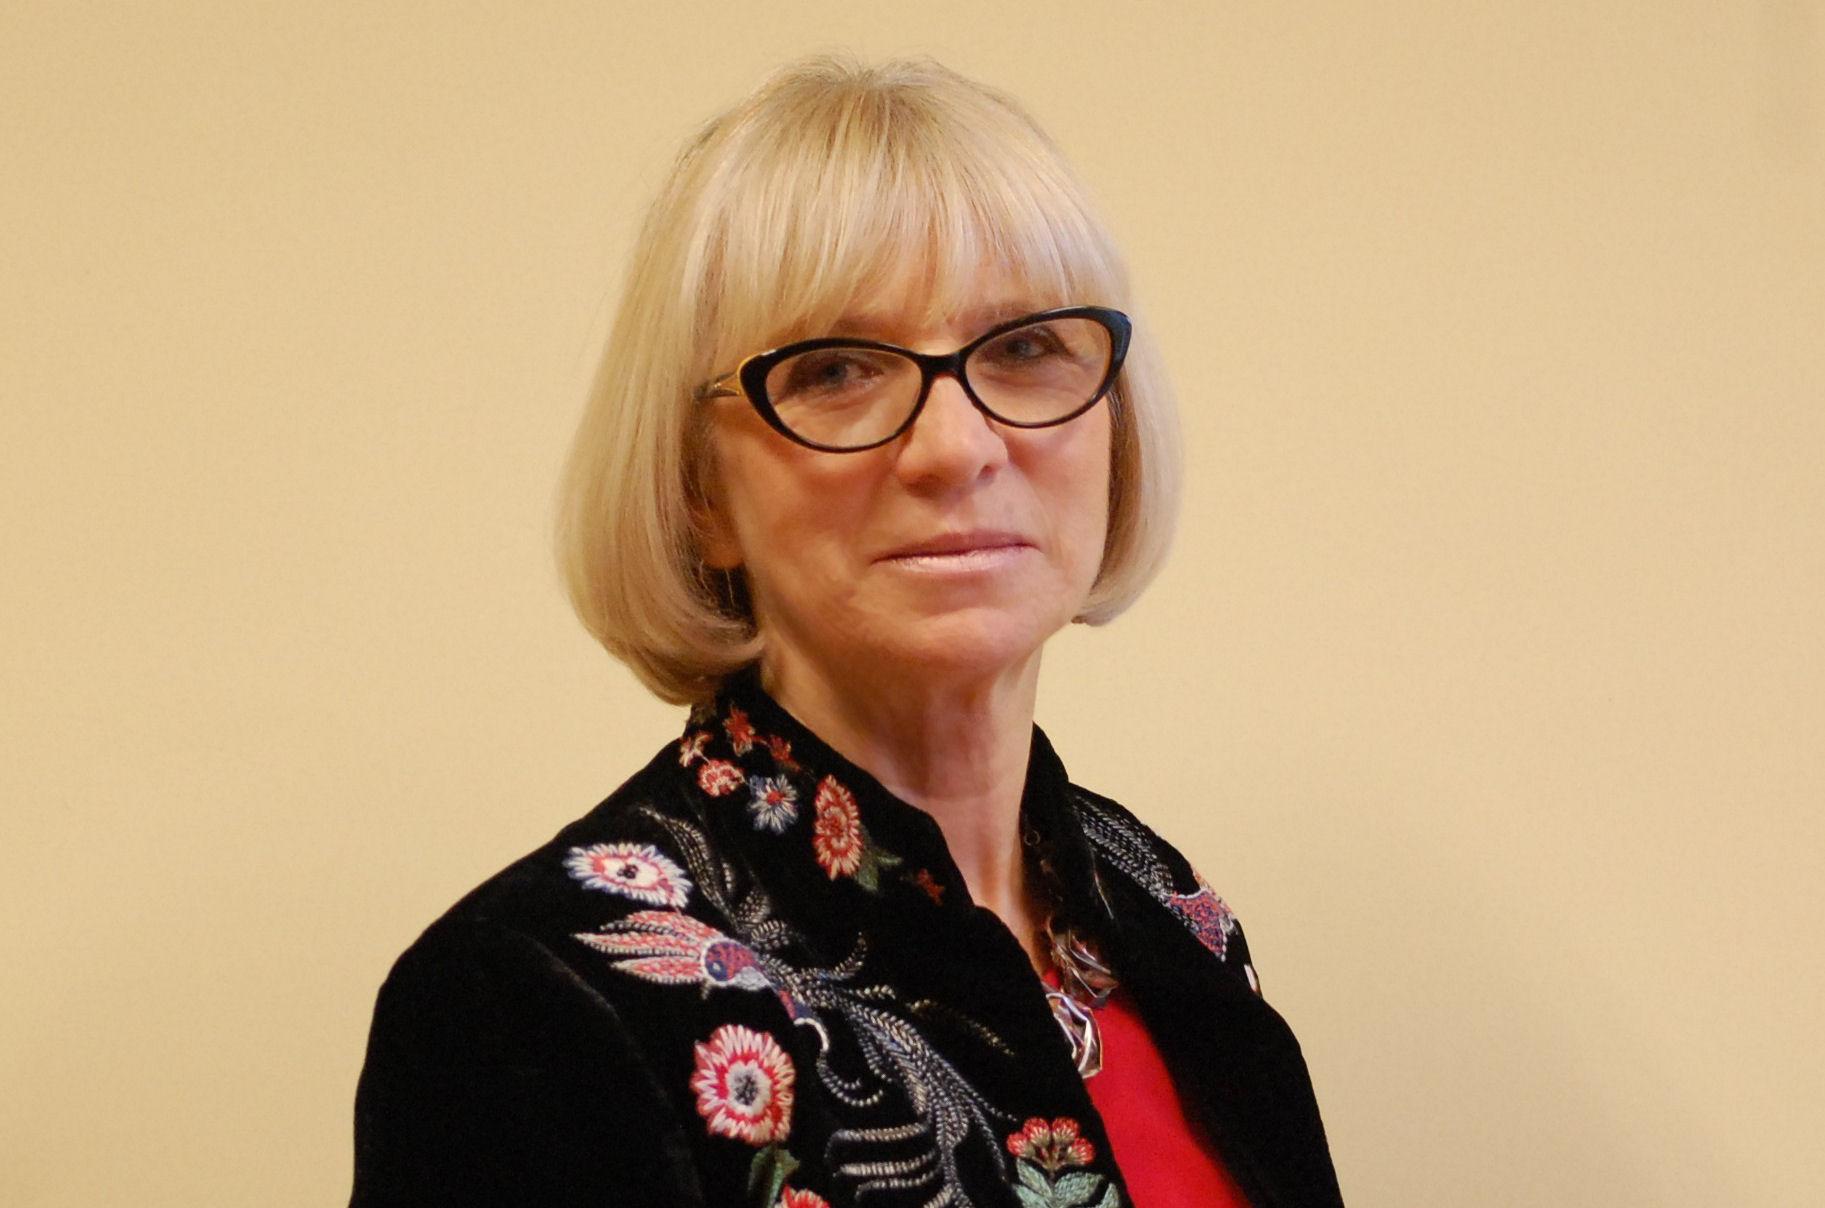 Czesława Rosik-Dulewska